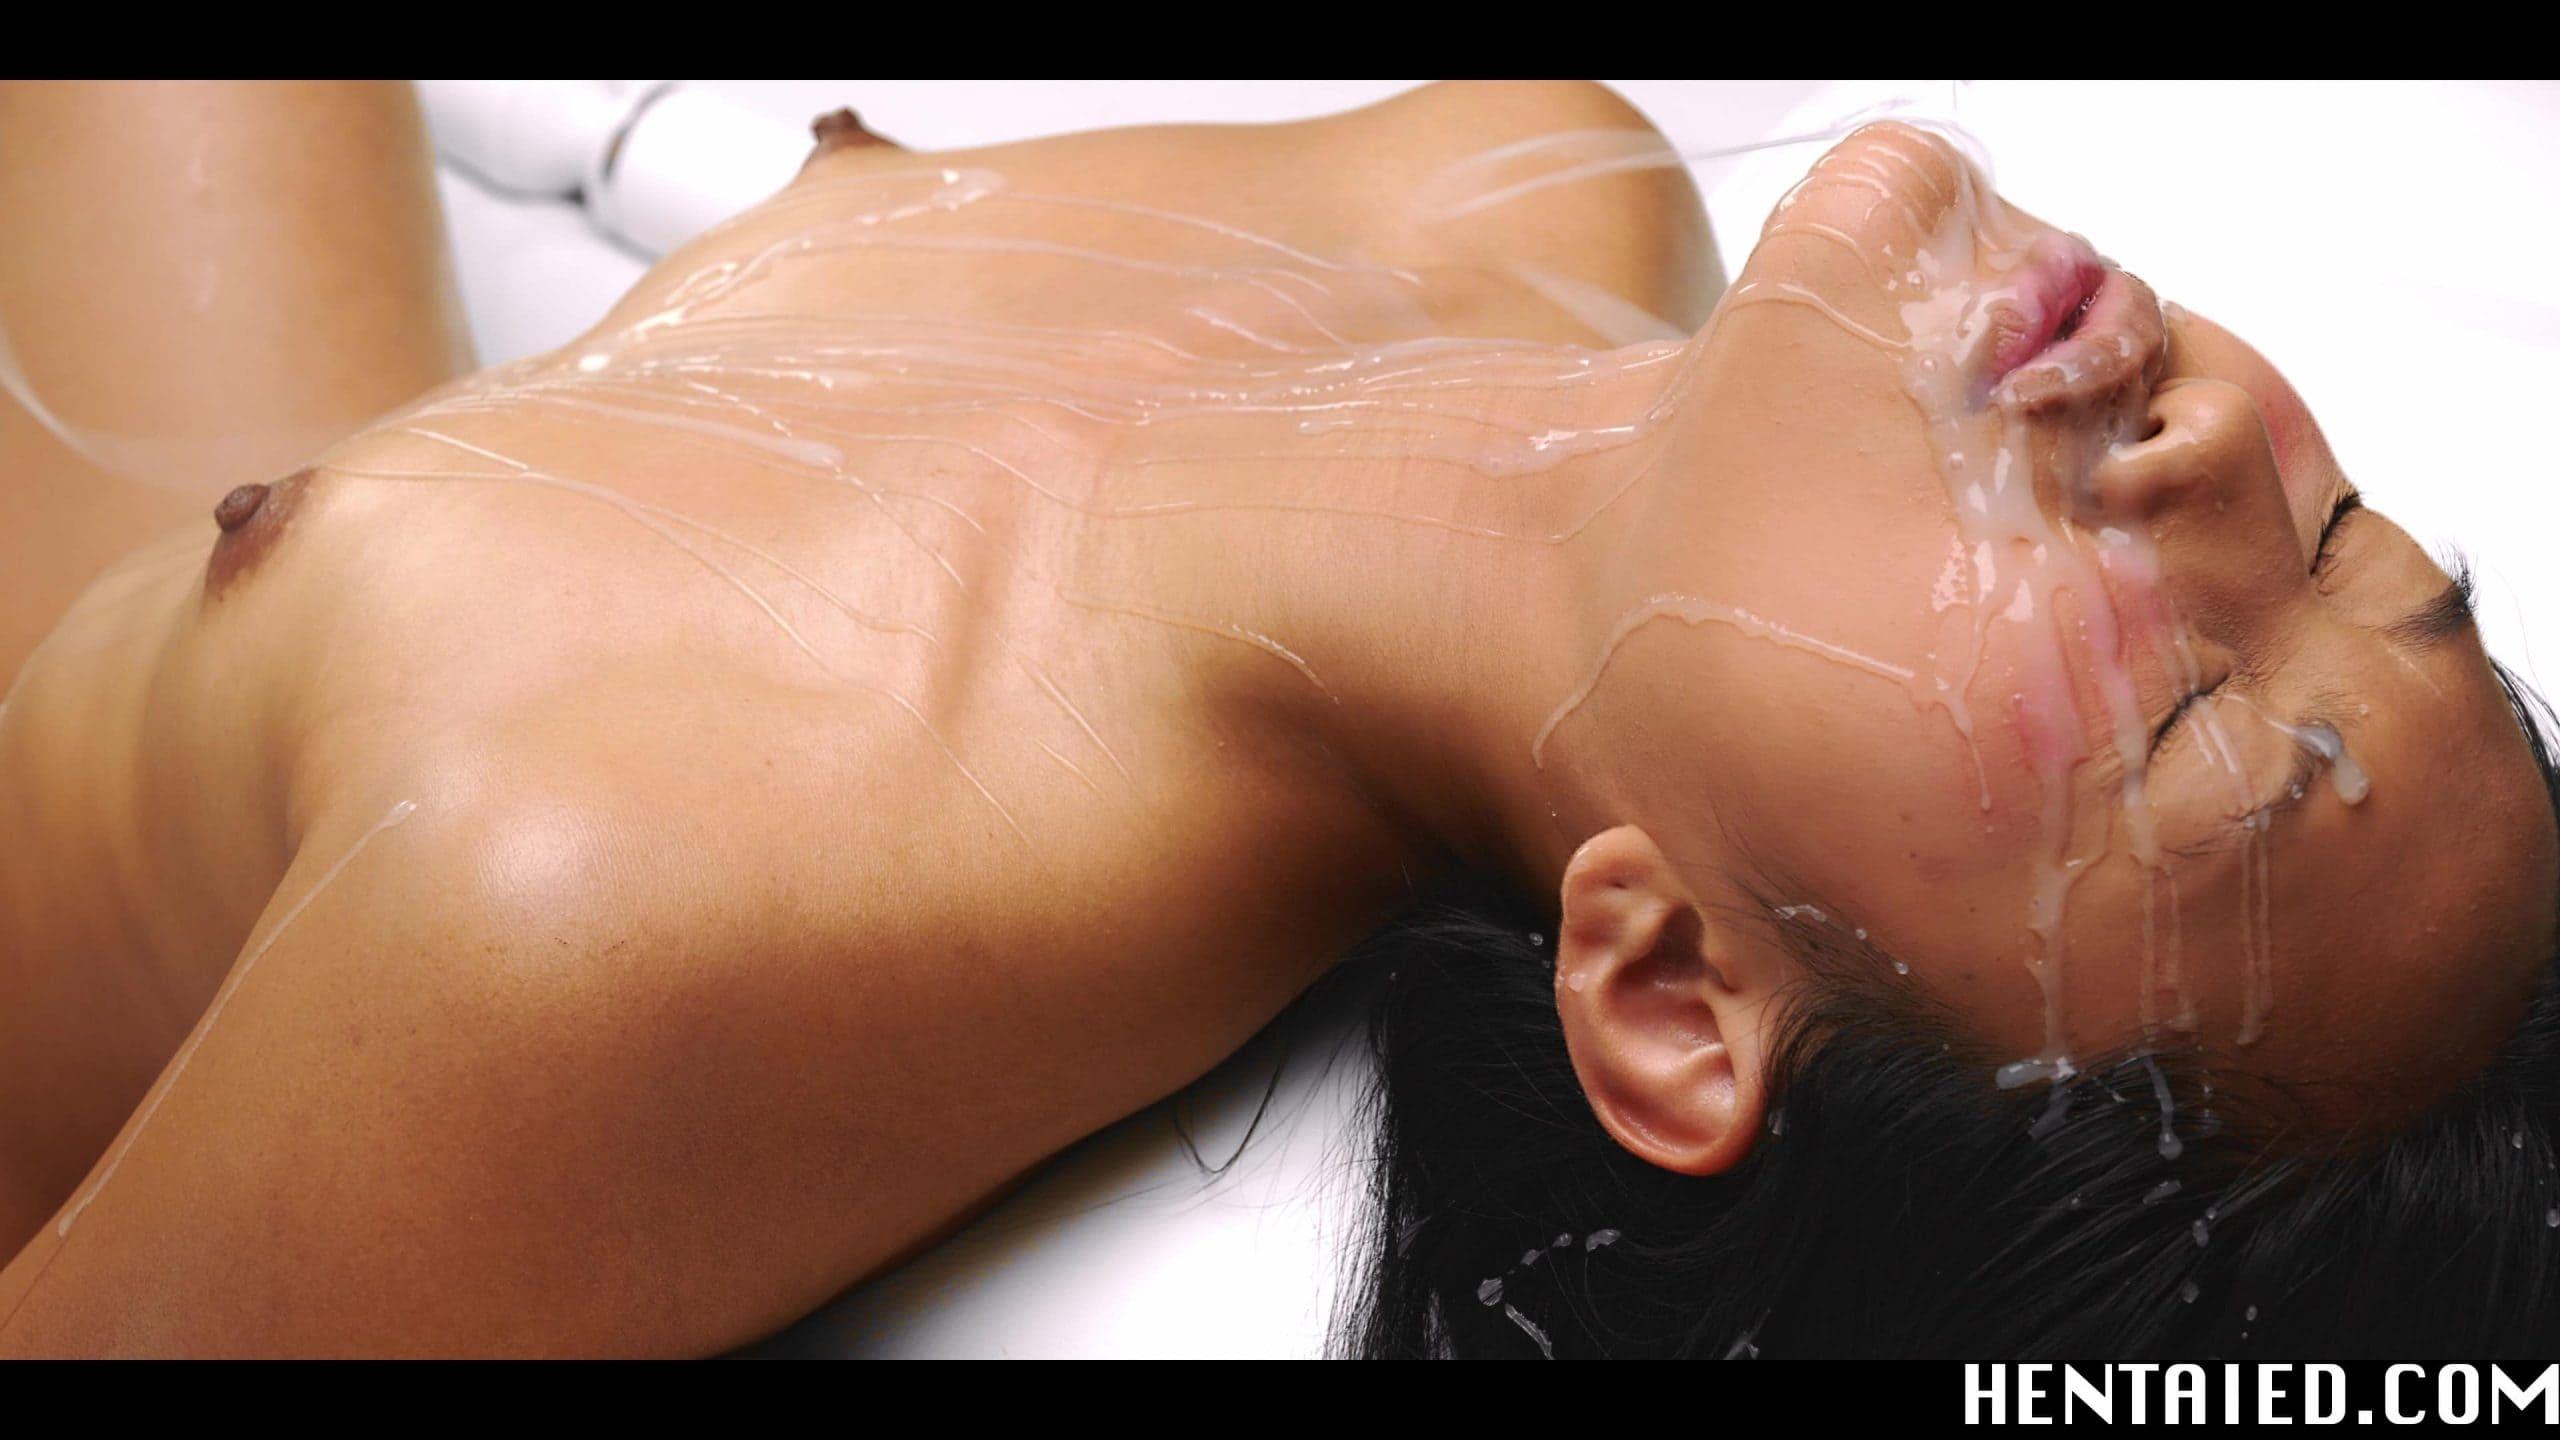 Beautiful Asian May Thai facial